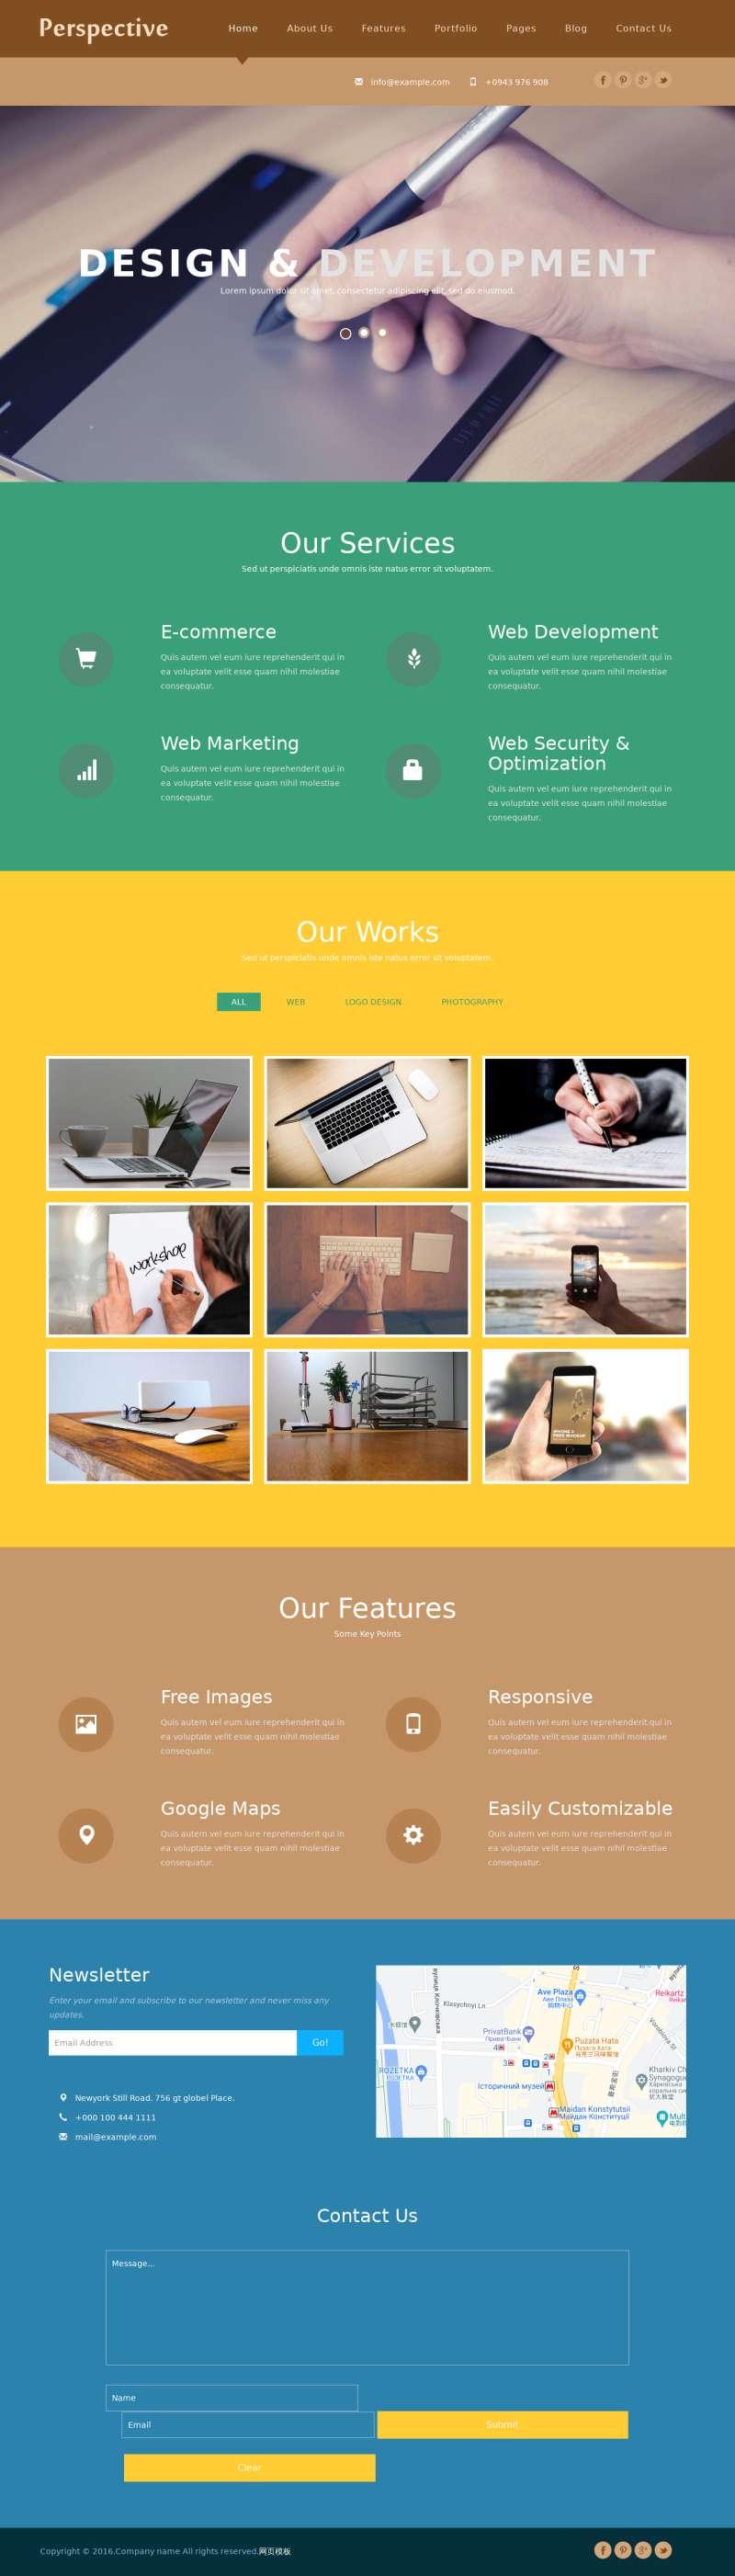 扁平风格的广告设计公司静态模板下载